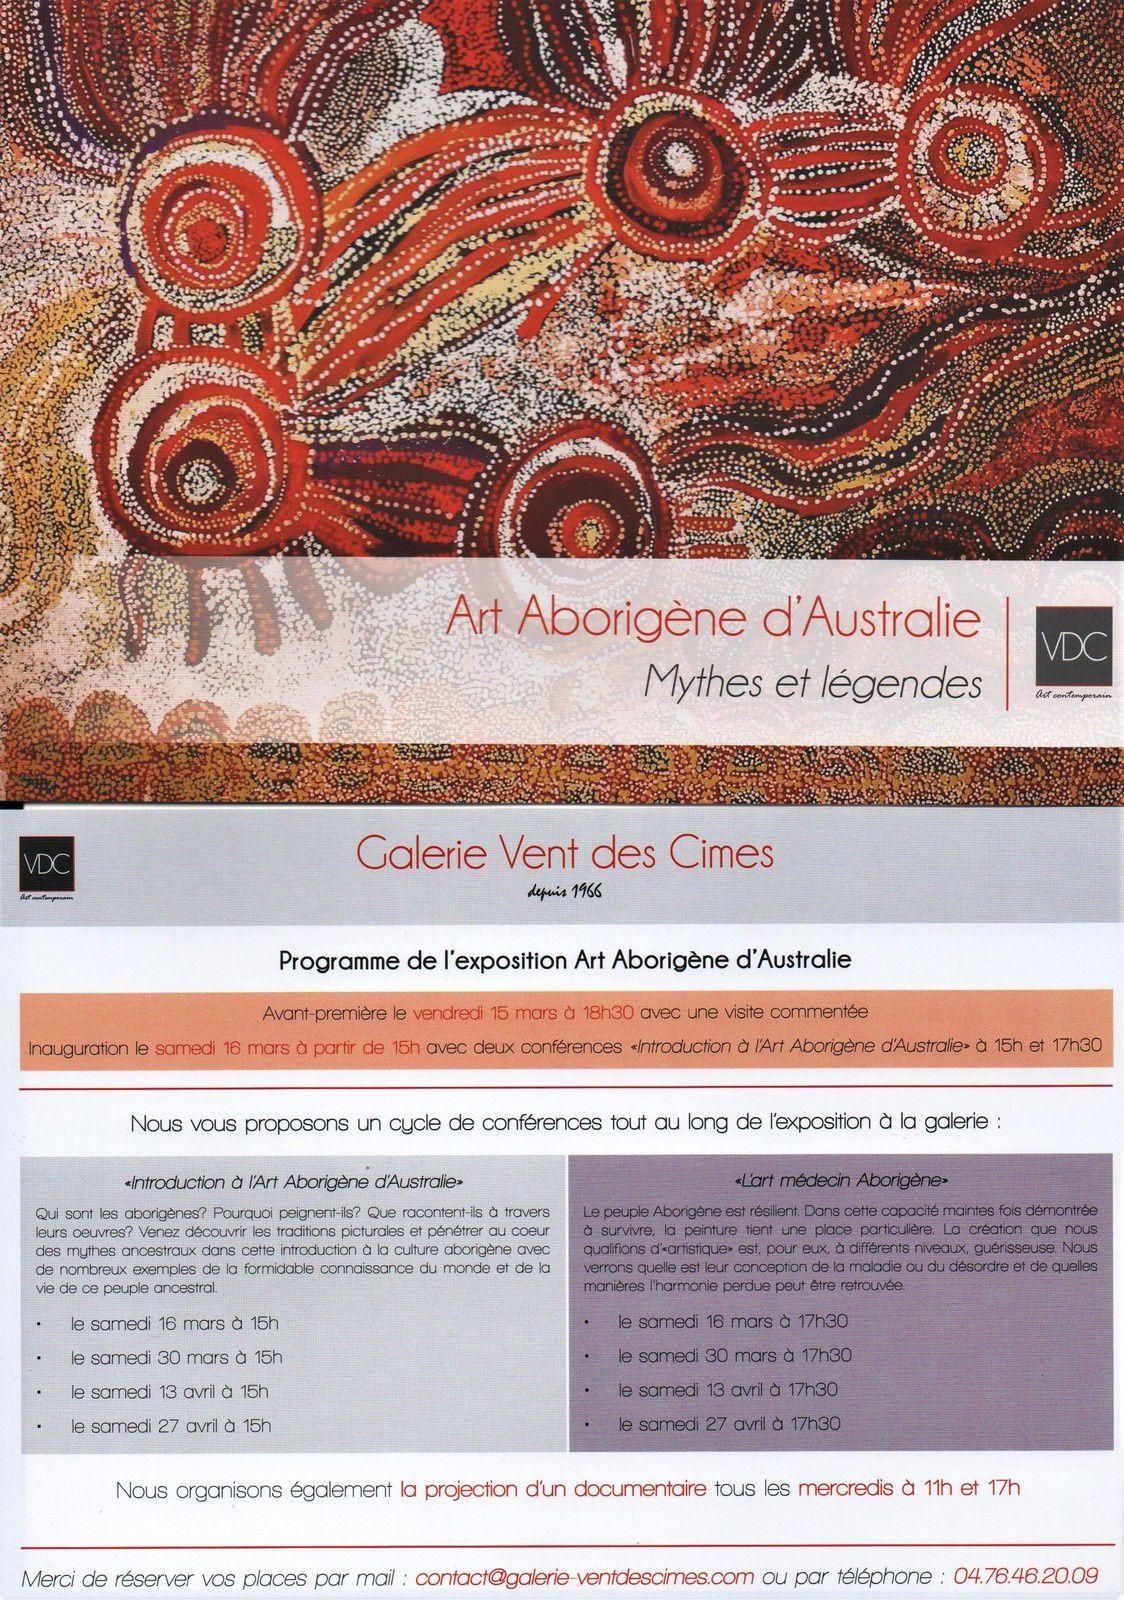 Sagesse, mythes et légendes, art aborigène à Grenoble, programme de l'expo (15 mars- 4 mai 2019)